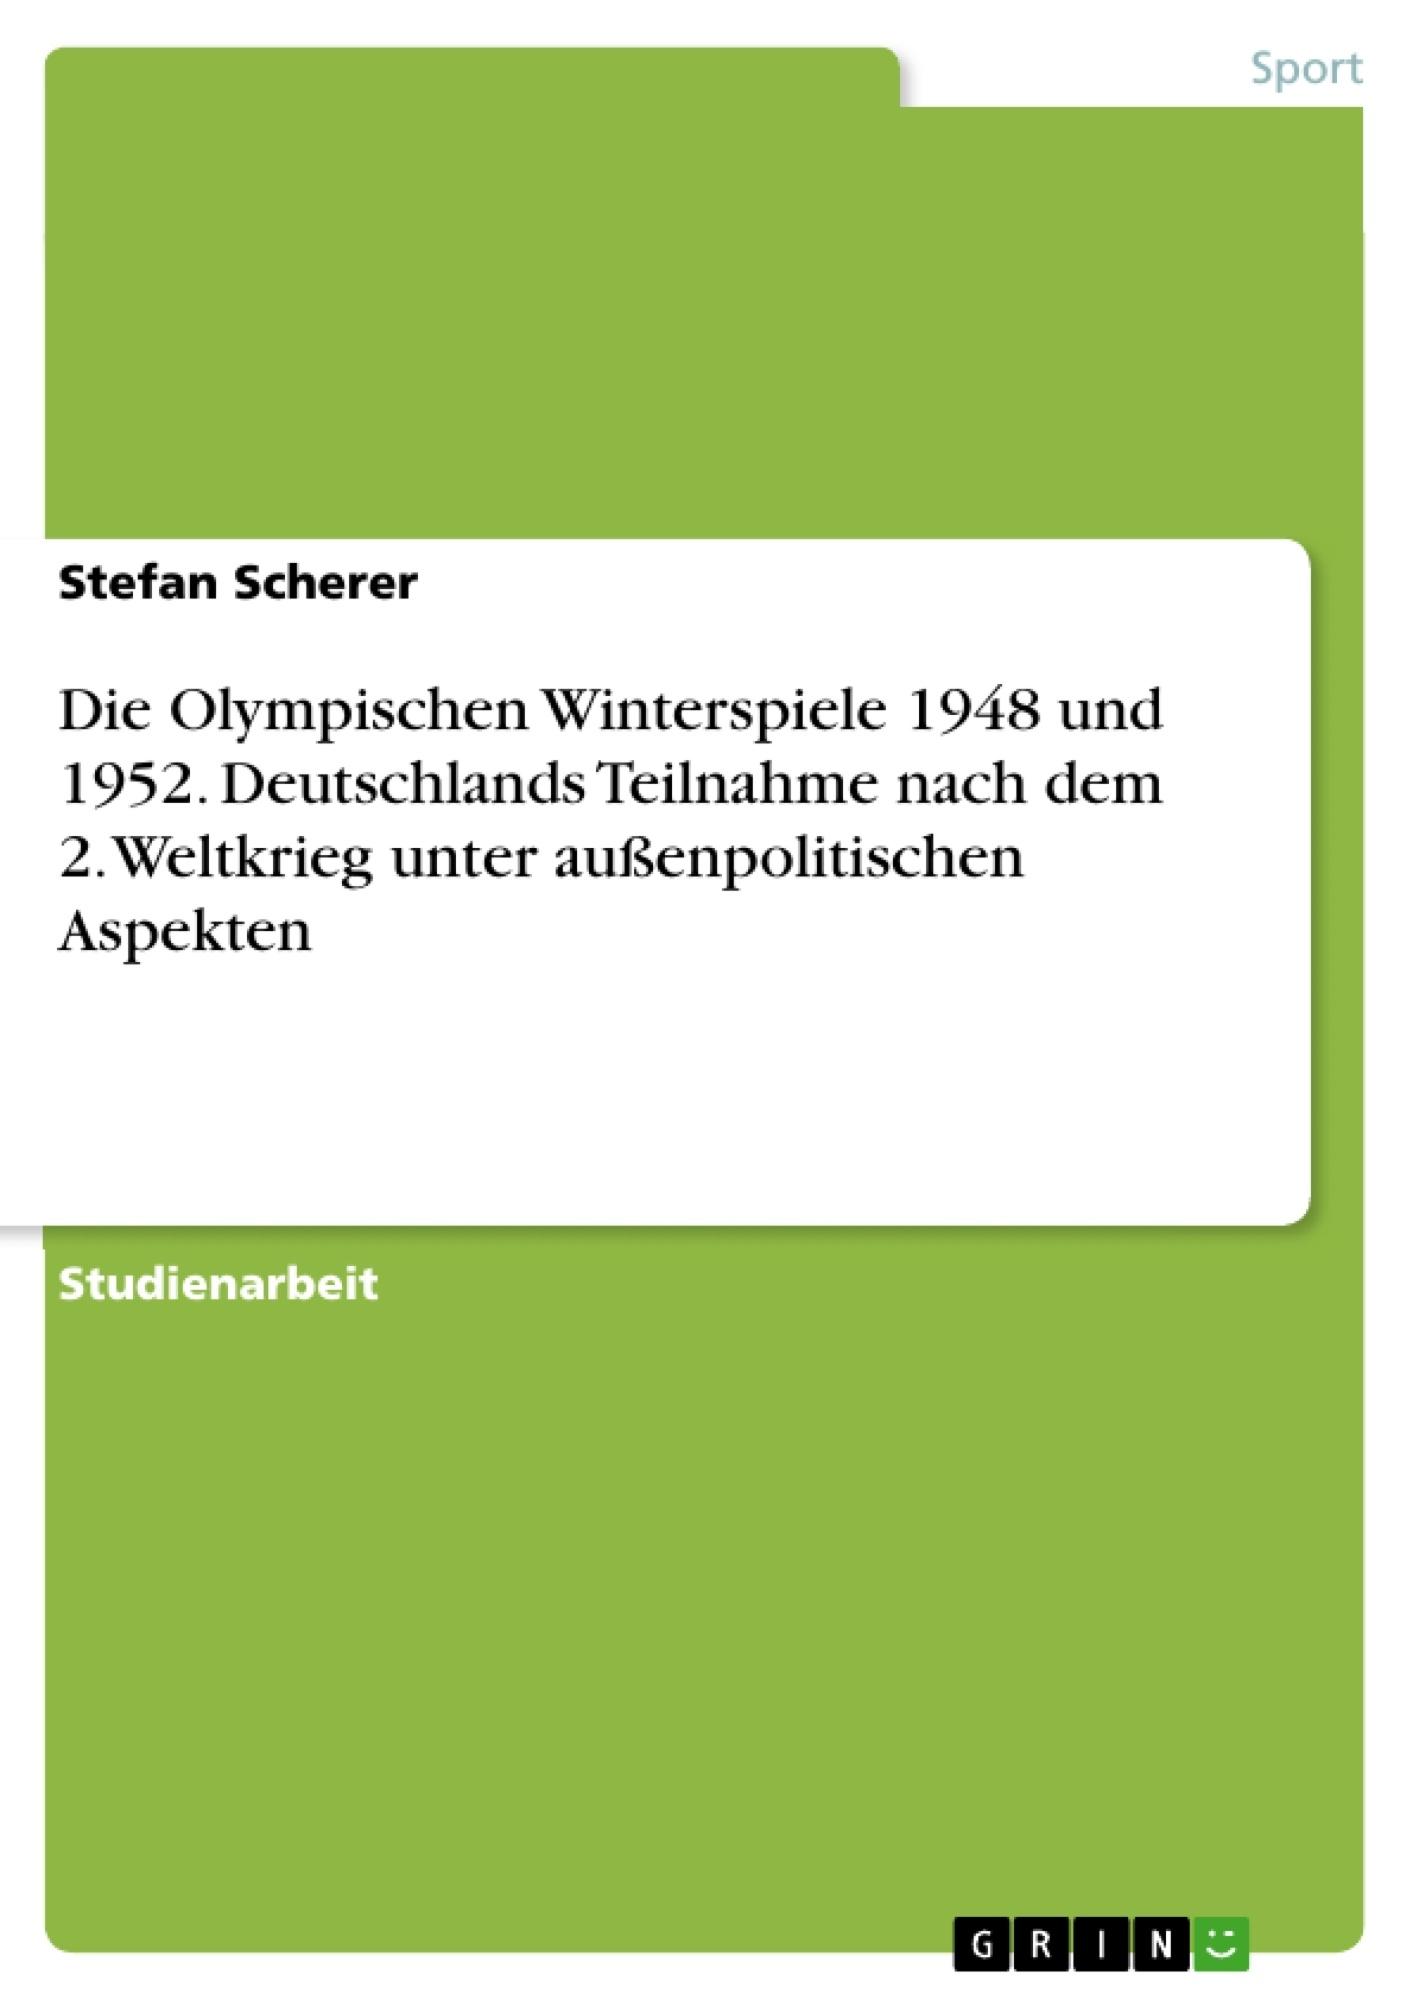 Titel: Die Olympischen Winterspiele 1948 und 1952. Deutschlands Teilnahme nach dem 2. Weltkrieg unter außenpolitischen Aspekten